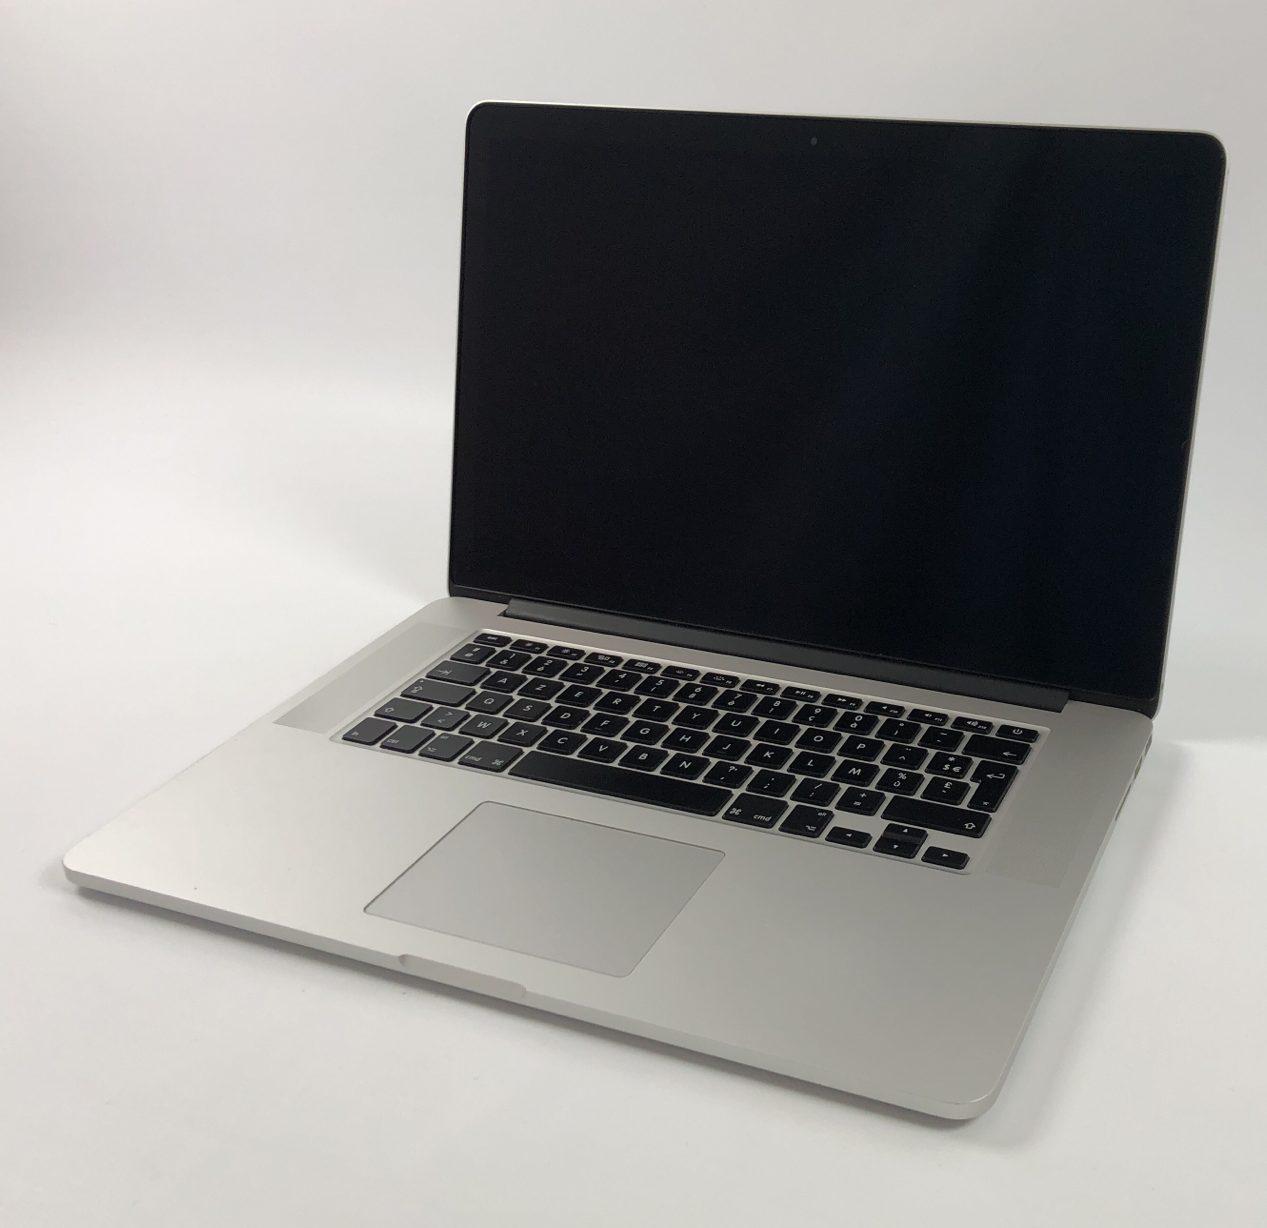 """MacBook Pro Retina 15"""" Mid 2015 (Intel Quad-Core i7 2.2 GHz 16 GB RAM 512 GB SSD), Intel Quad-Core i7 2.2 GHz, 16 GB RAM, 512 GB SSD, imagen 1"""